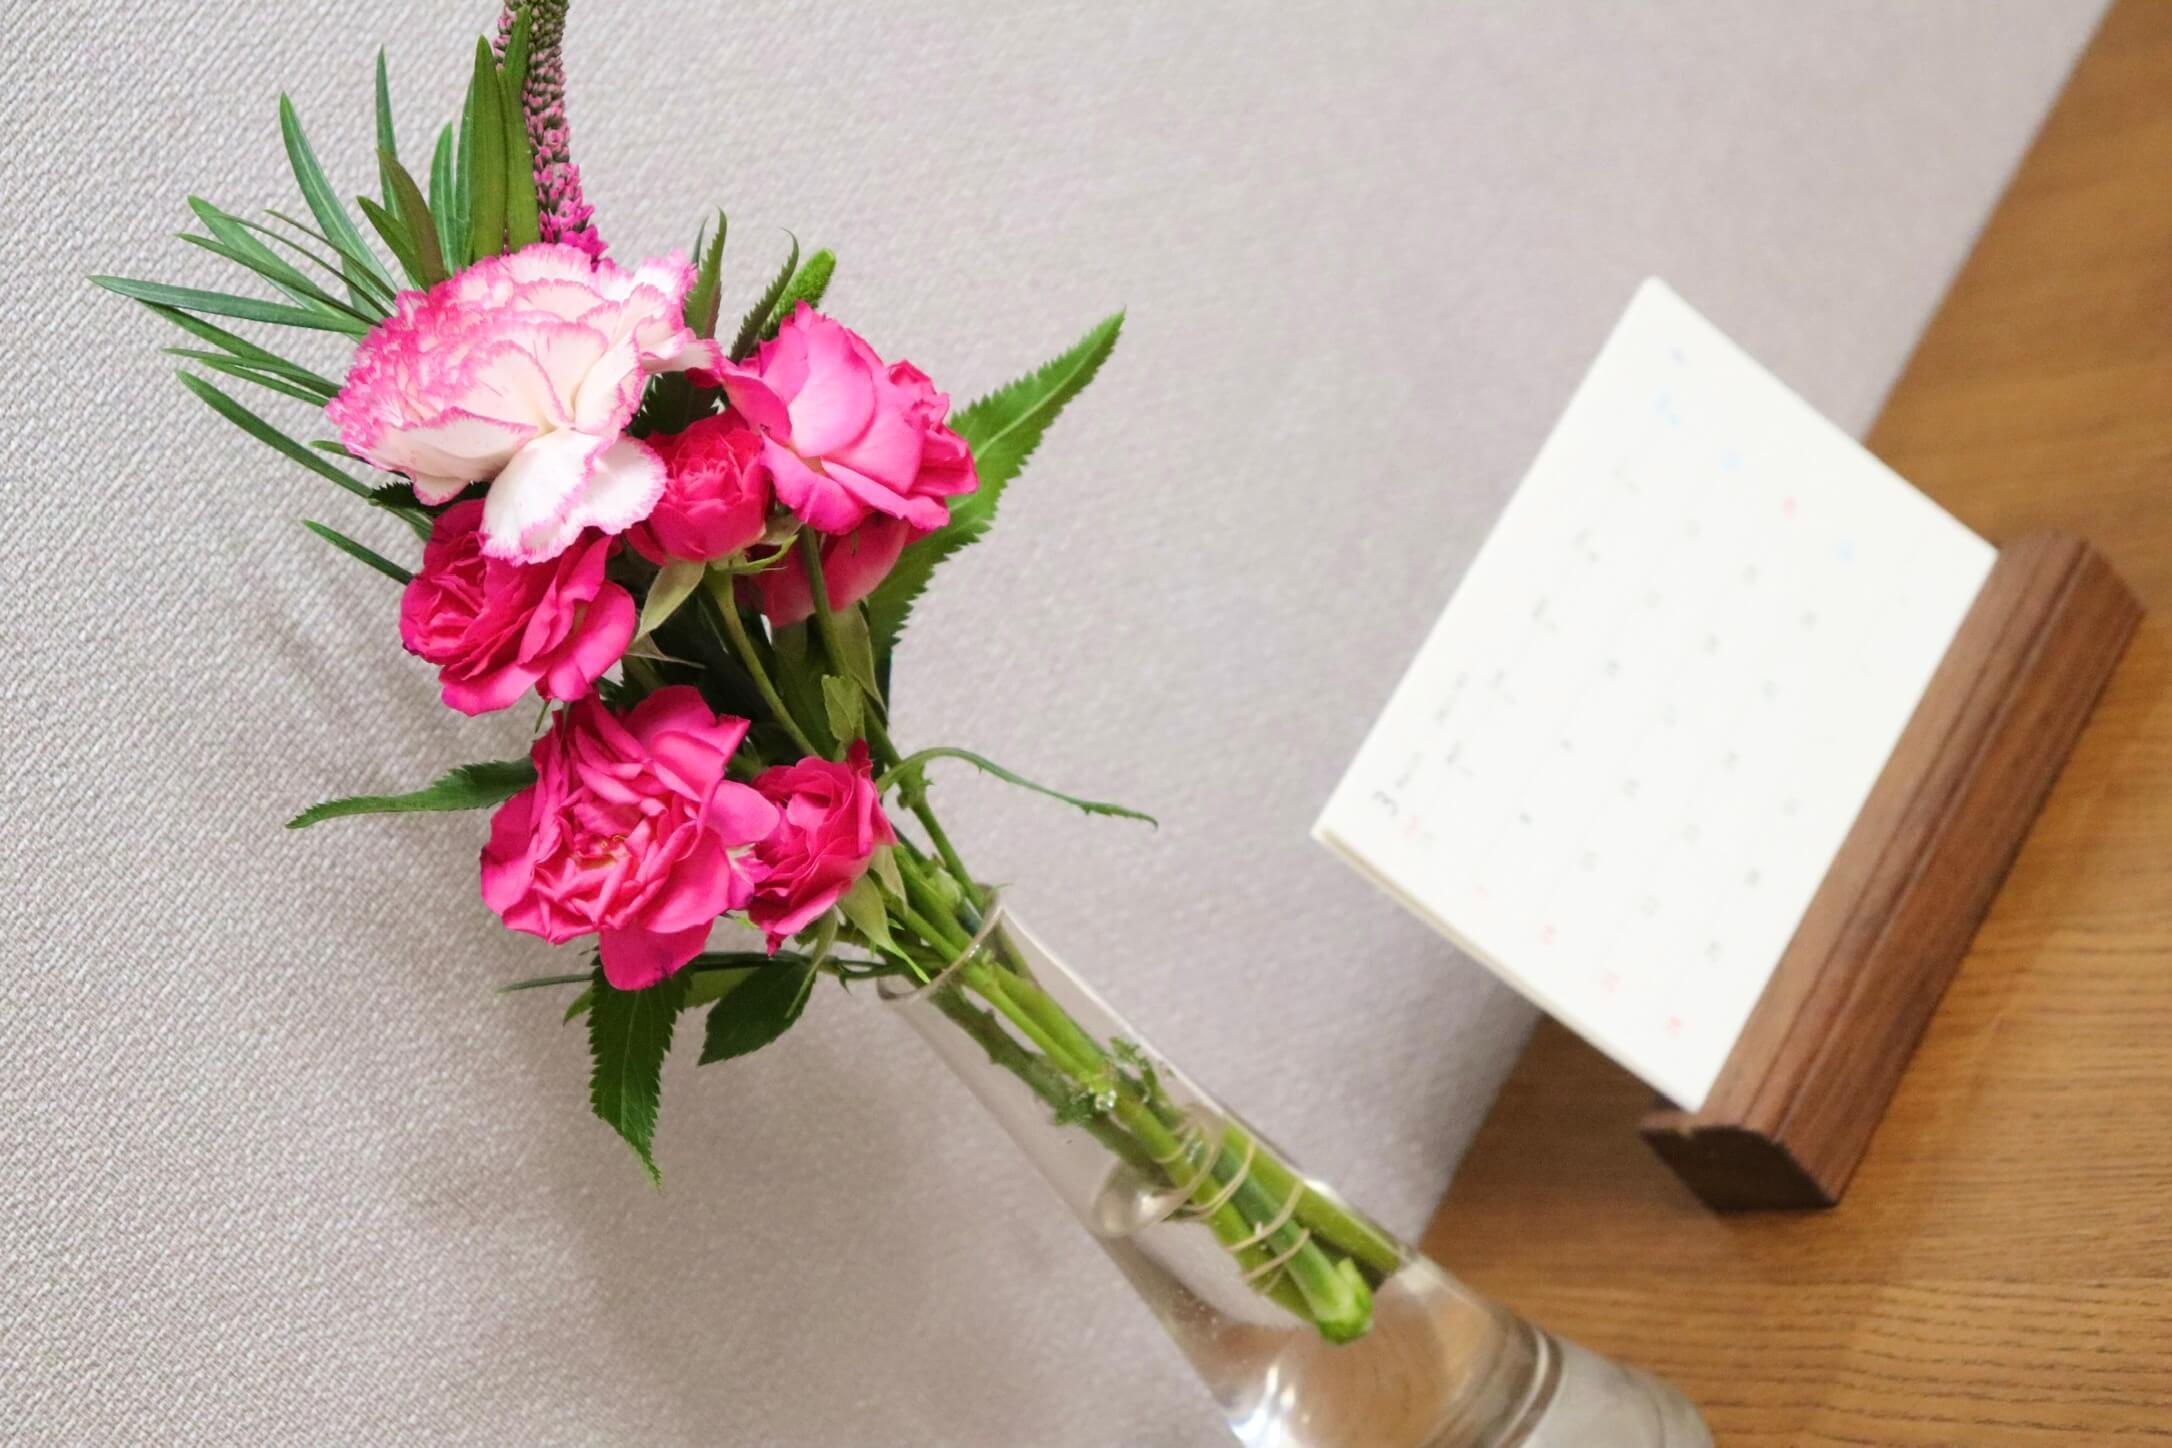 お花の定期便ブルーミー(bloomee)を試してみた感想